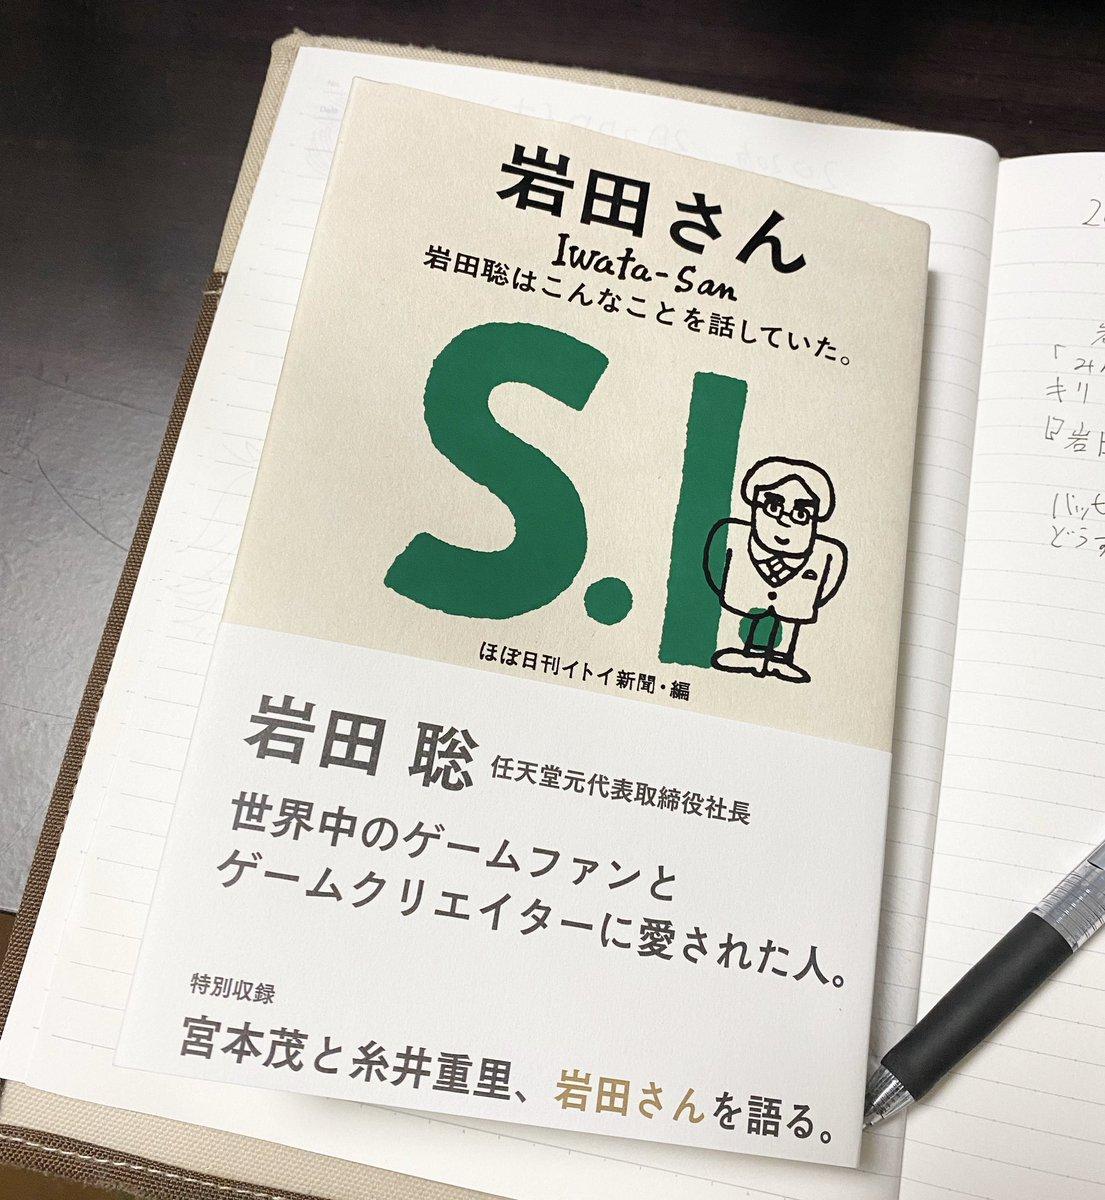 test ツイッターメディア - 『岩田さん 岩田聡はこんなことを話していた。』ほぼ日刊イトイ新聞・編 読み終わりました📚 物づくりをするすべての人に読んでもらいたいなって、そう思いました。もちろんVTuberの活動をしている人にも。 とても良い本です。 https://t.co/eyL2oAjPuy